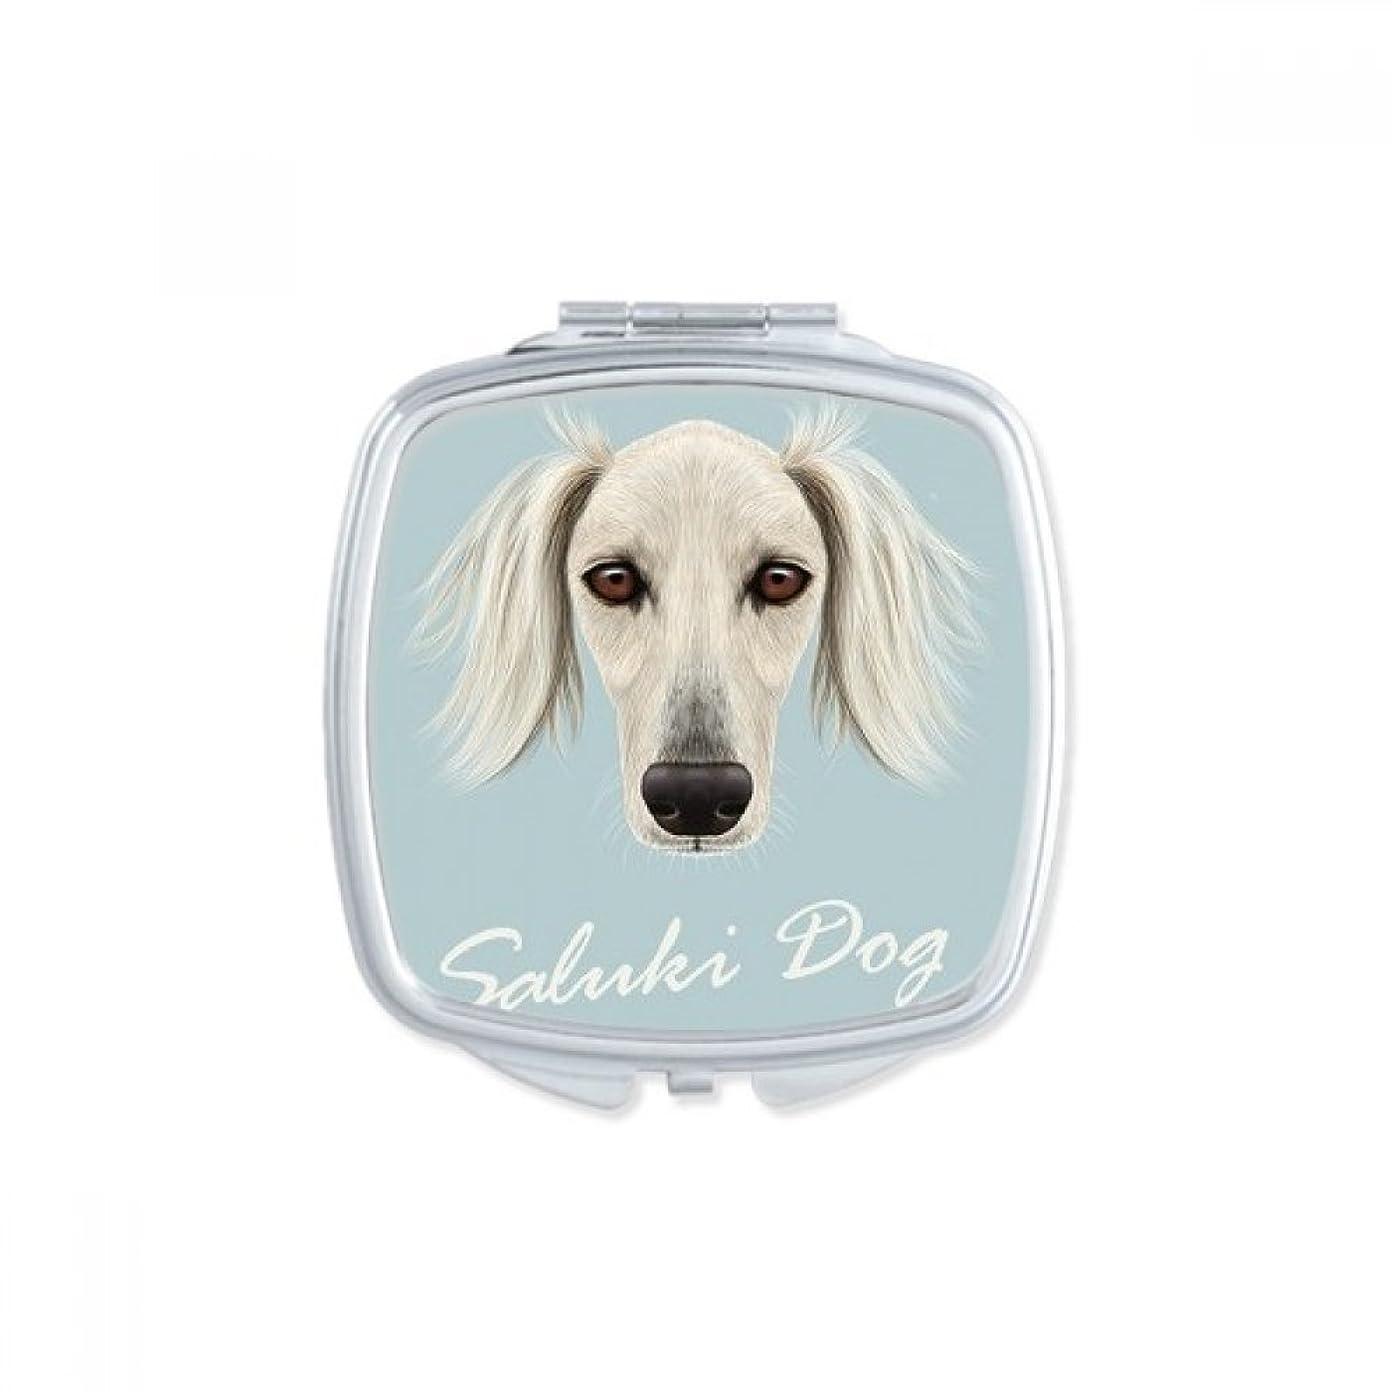 食べるカール電子長い顔の白いサルーキ犬ペット?動物 スクエアコンパクトメークアップポケットミラー携帯用の小さなかわいいハンドミラープレゼント